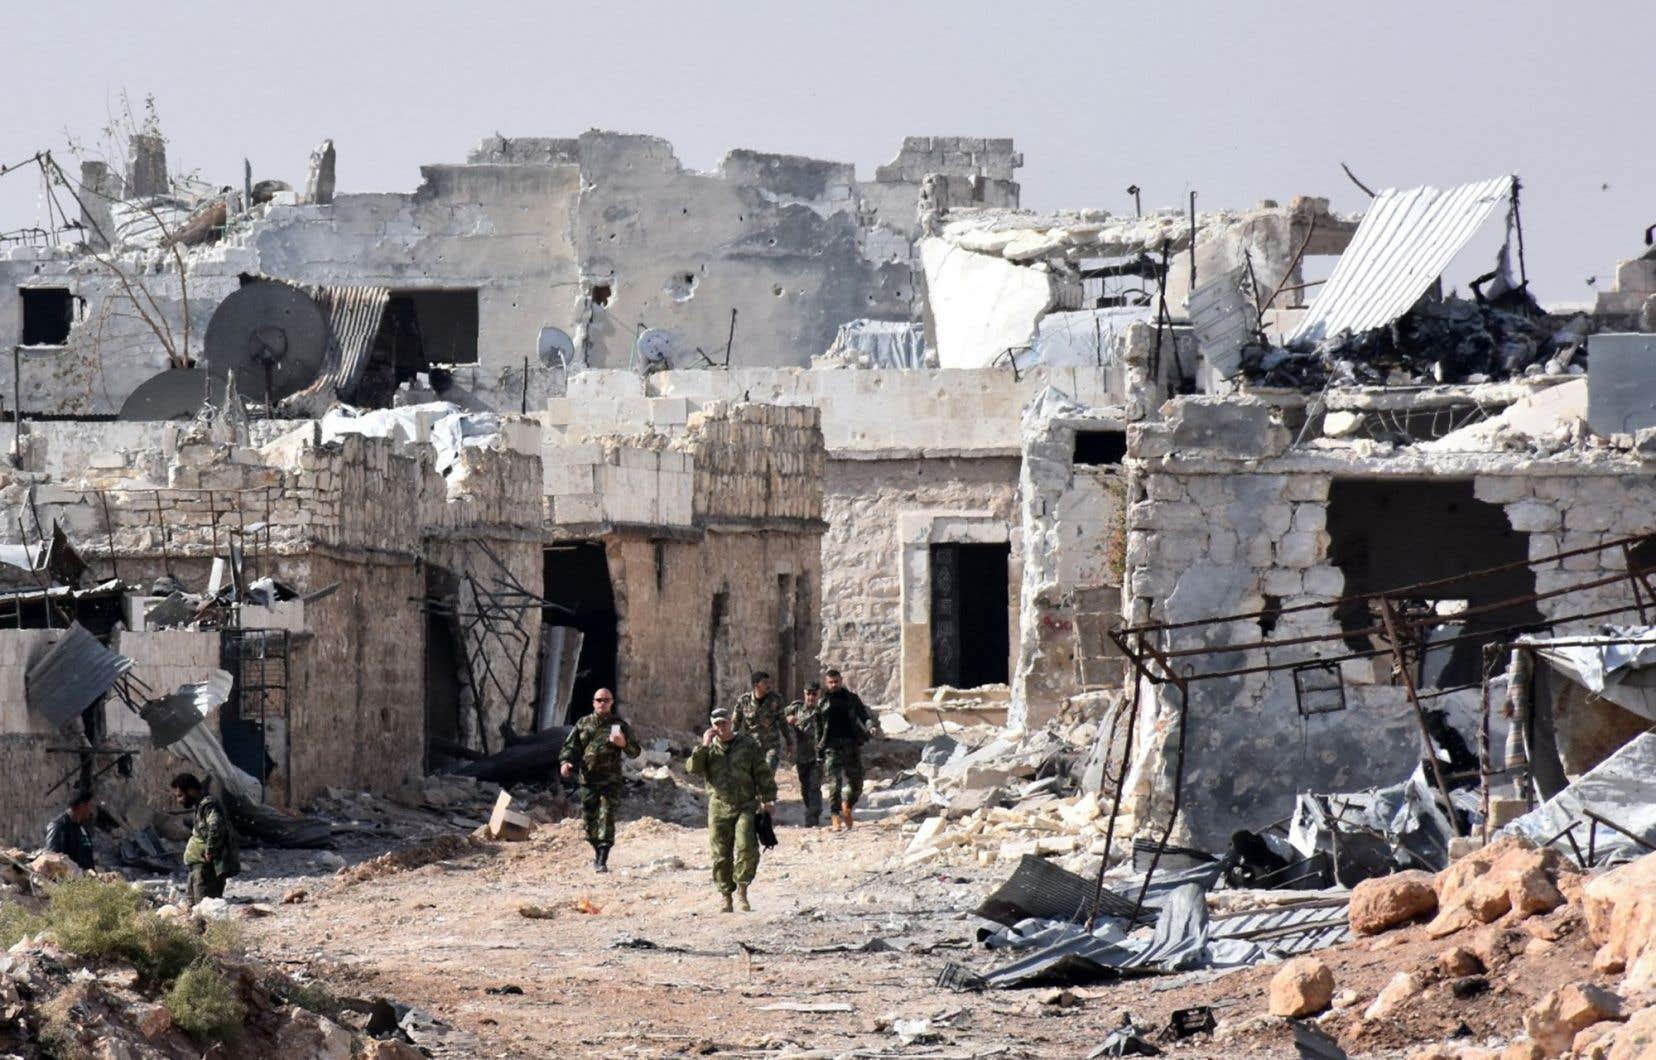 Les rebelles ont tenté plusieurs fois de briser le siège mais aucune aide n'est parvenue dans les quartiers-Est depuis juillet.